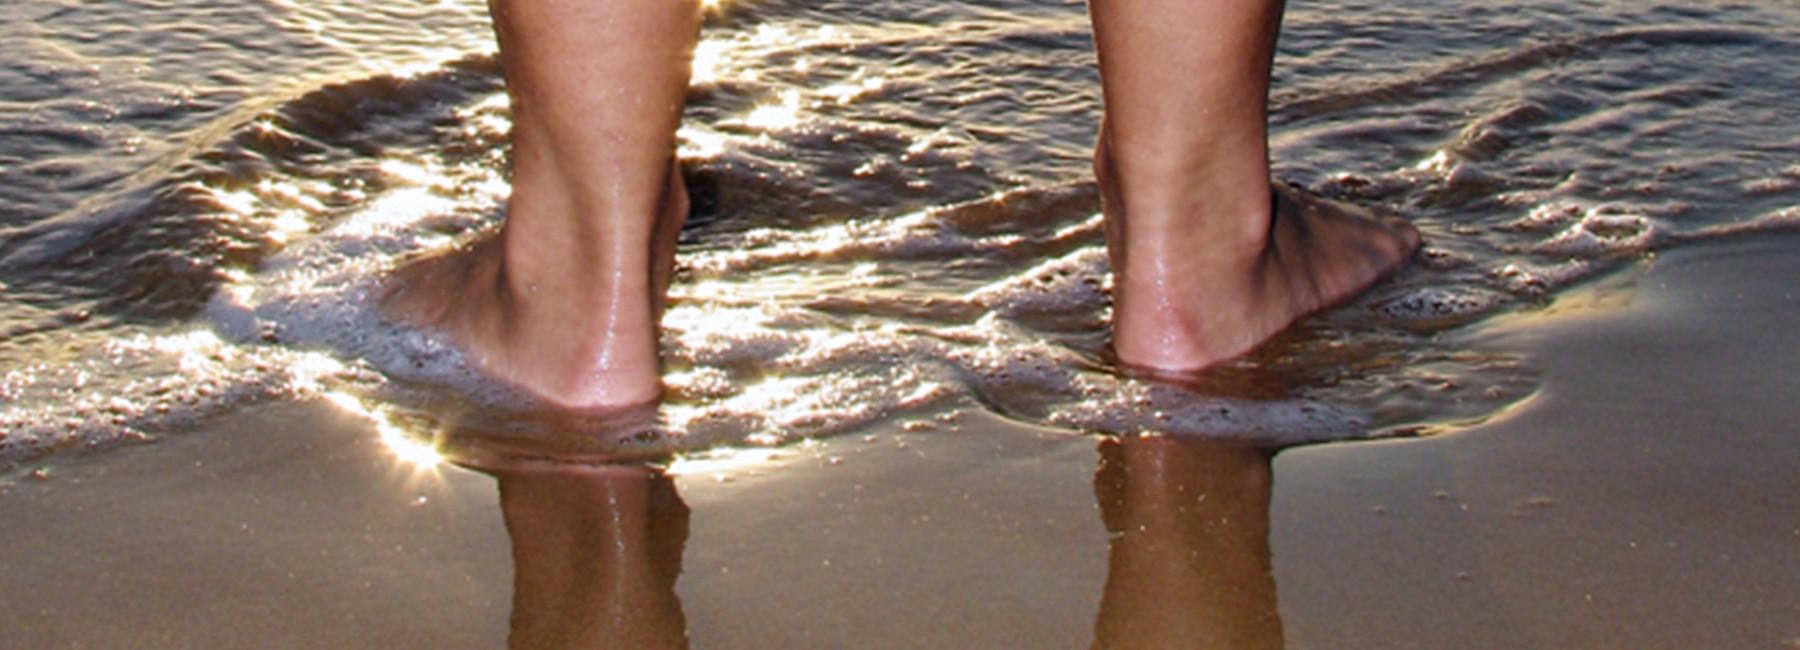 Les pieds aussi passent à l'heure d'été…